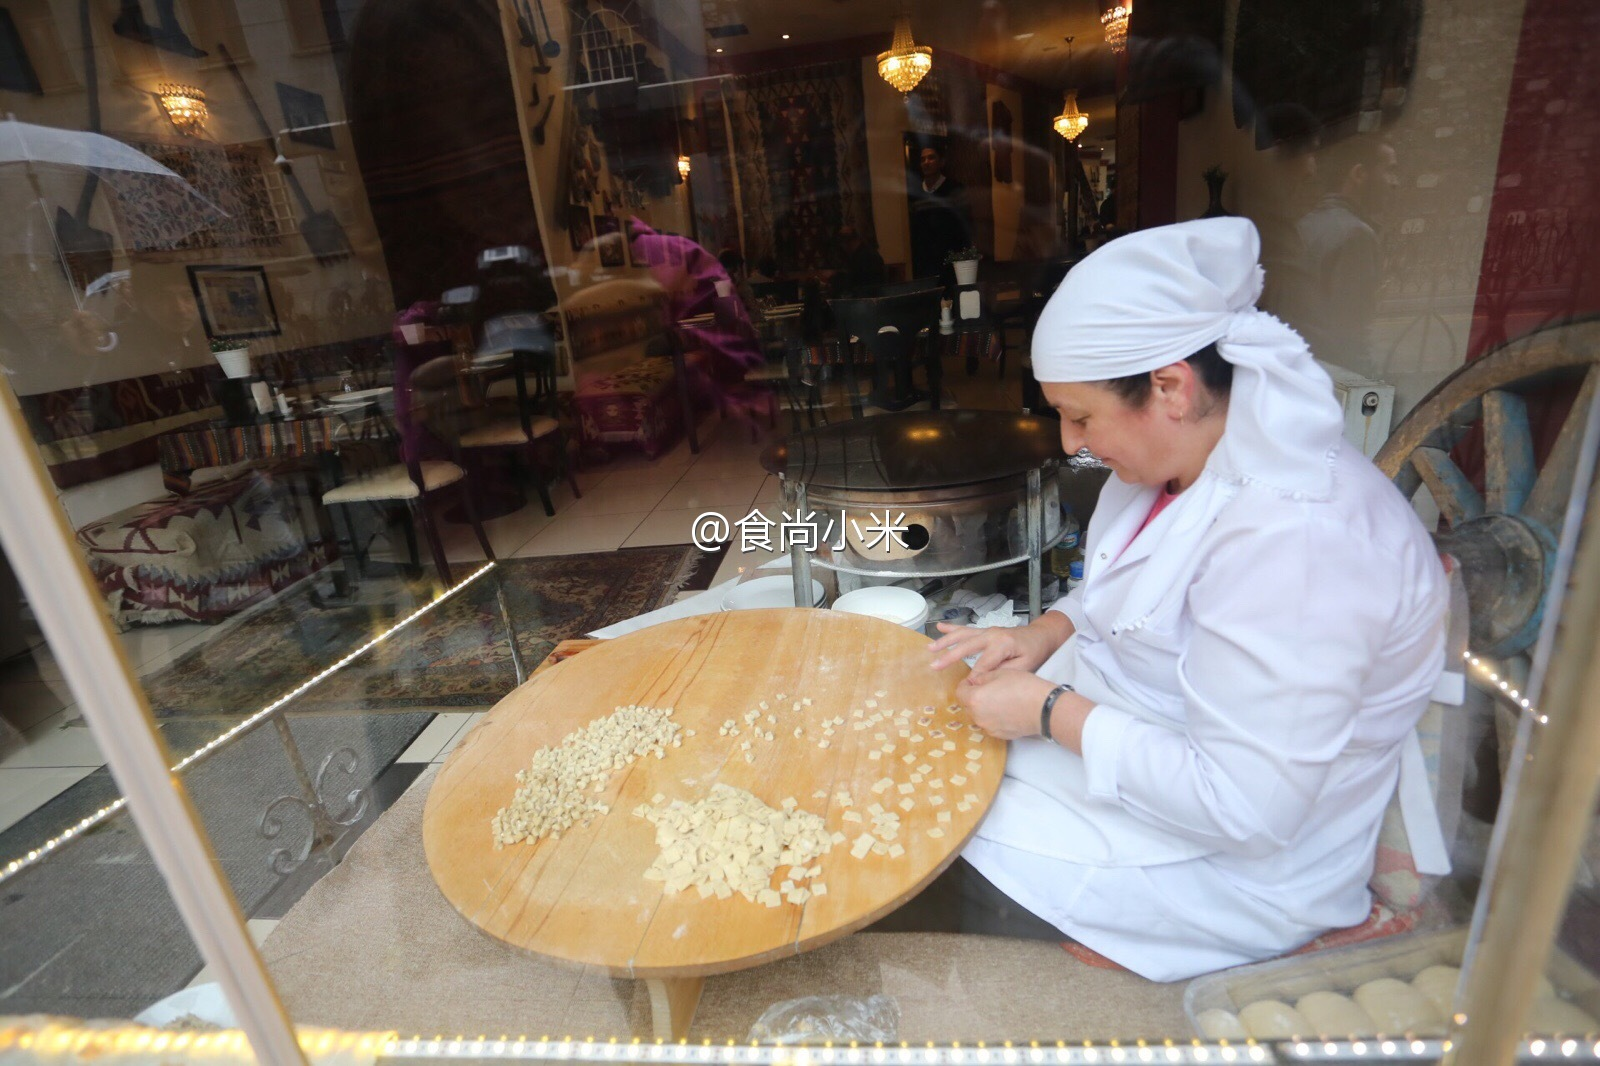 食尚小米土耳其干果美食之旅第四天伊斯坦布尔漫游日记